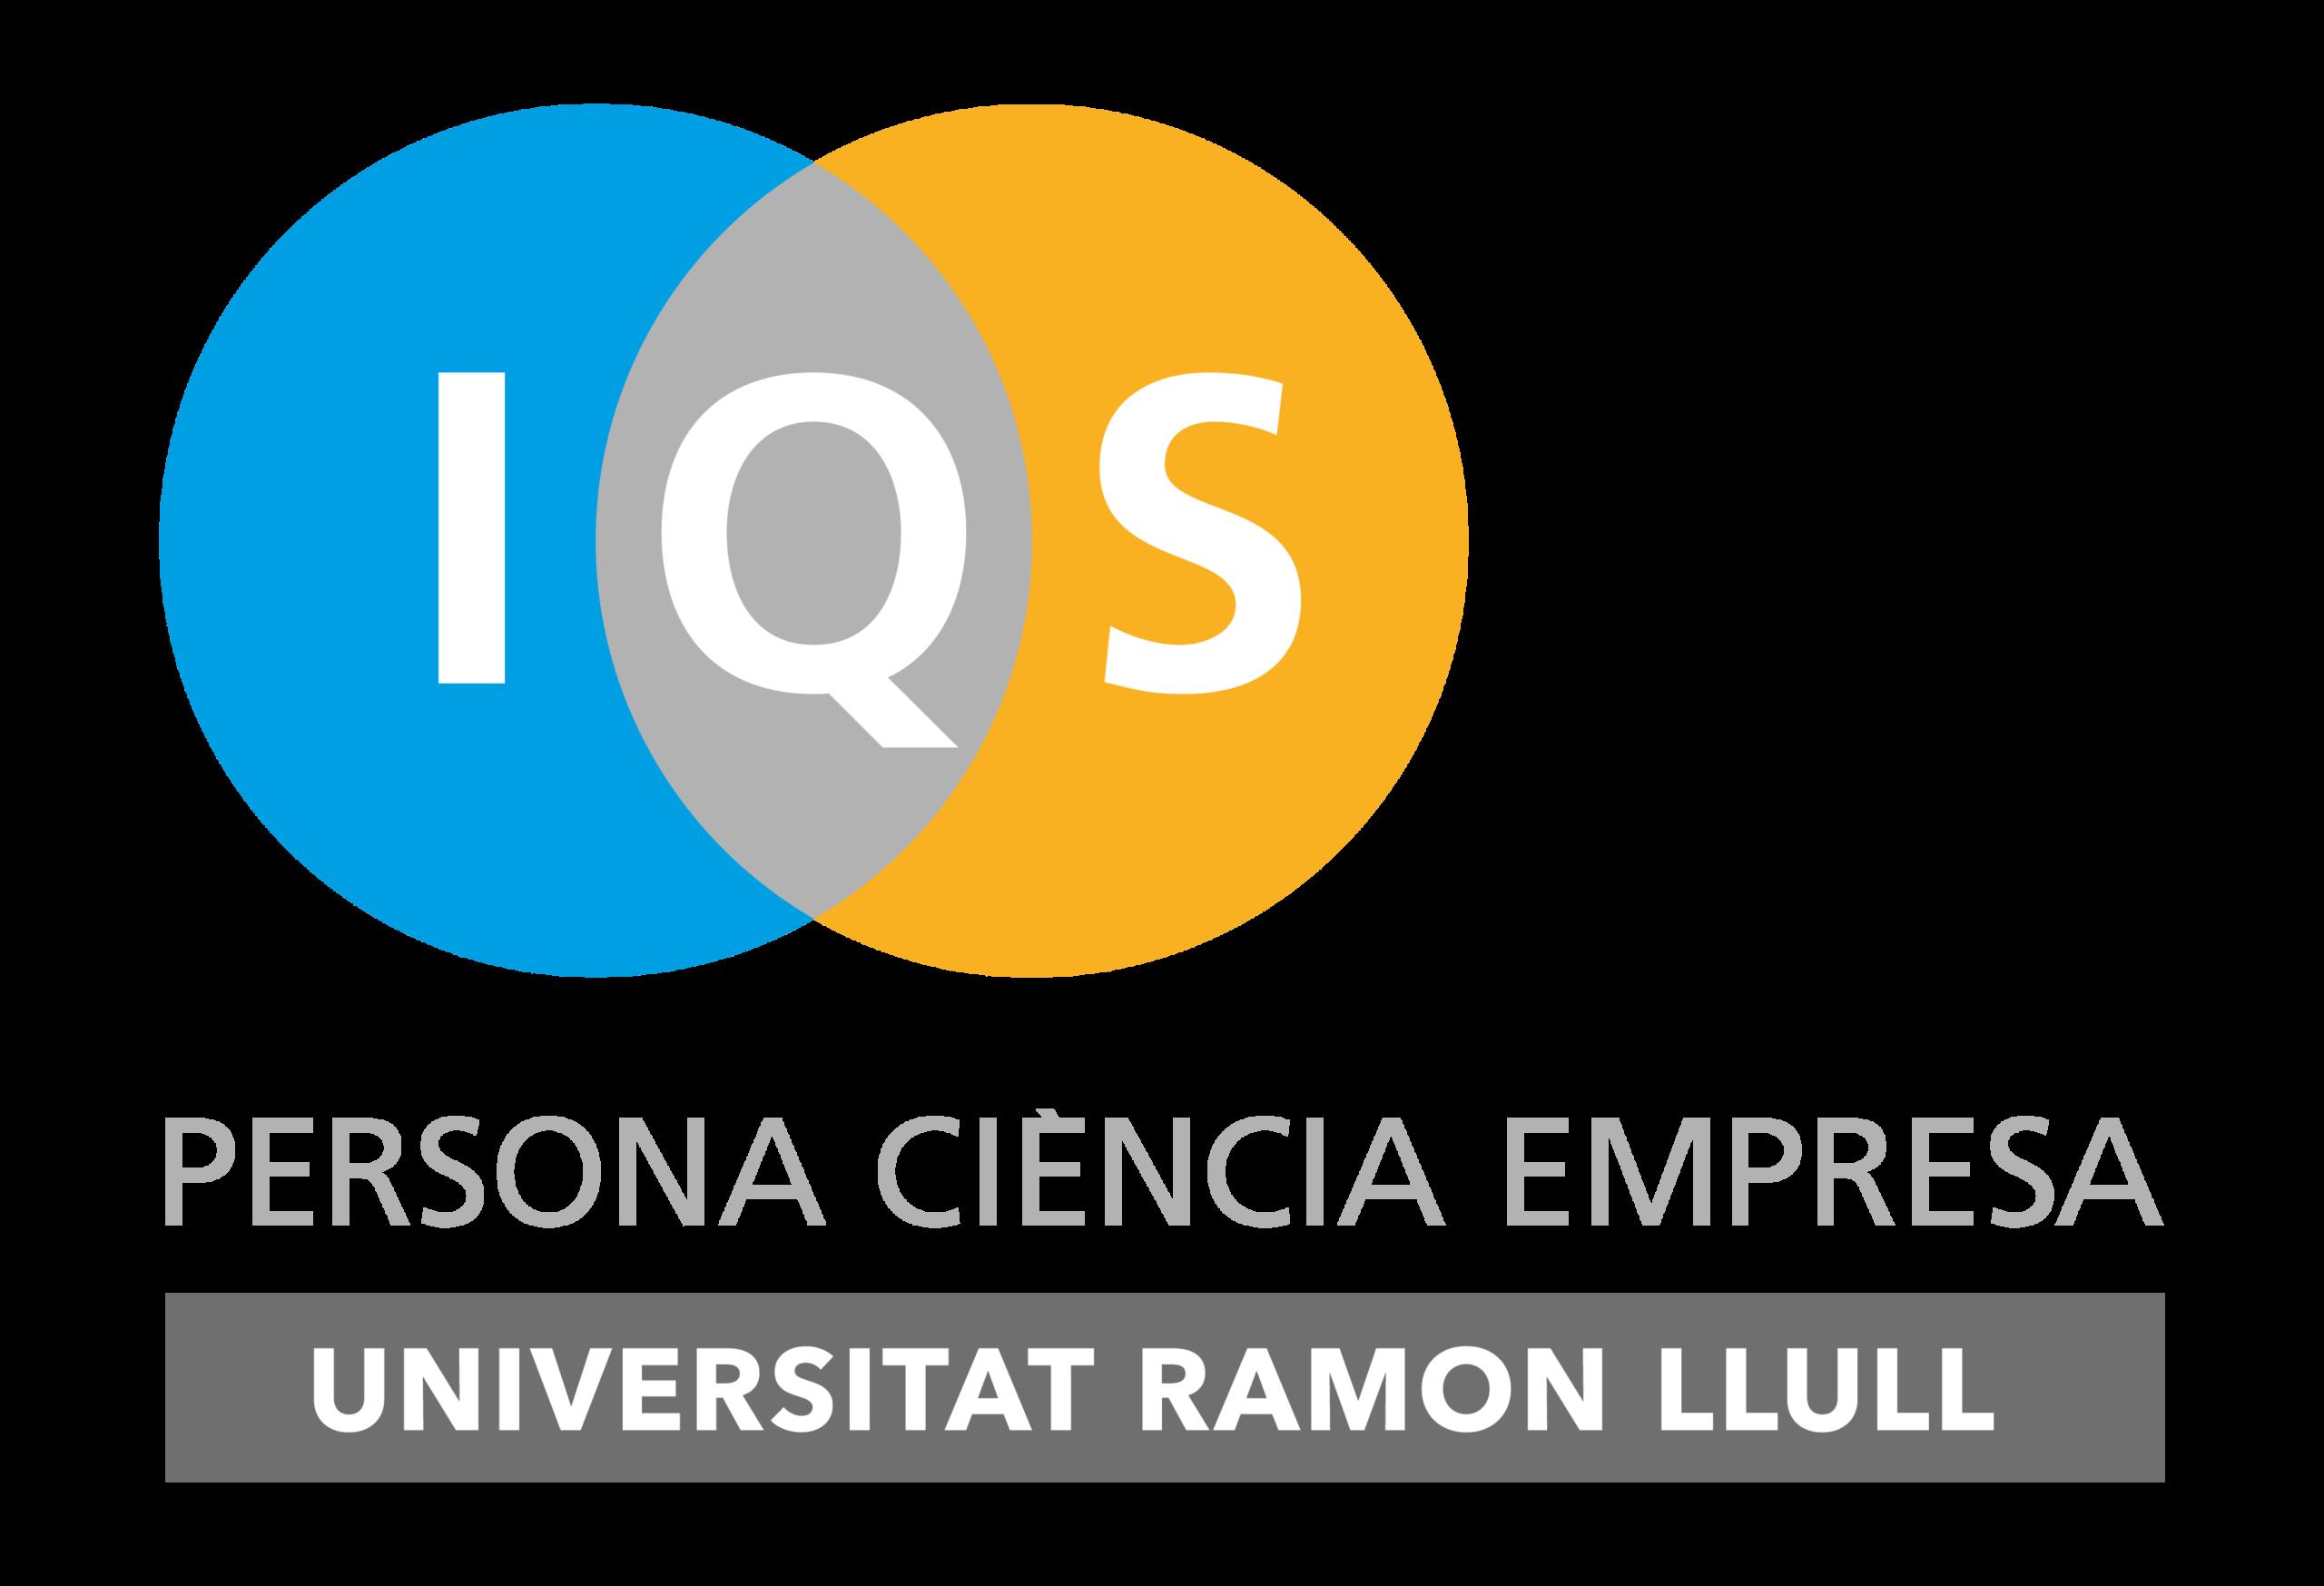 Institut Químic de Sarrià logo